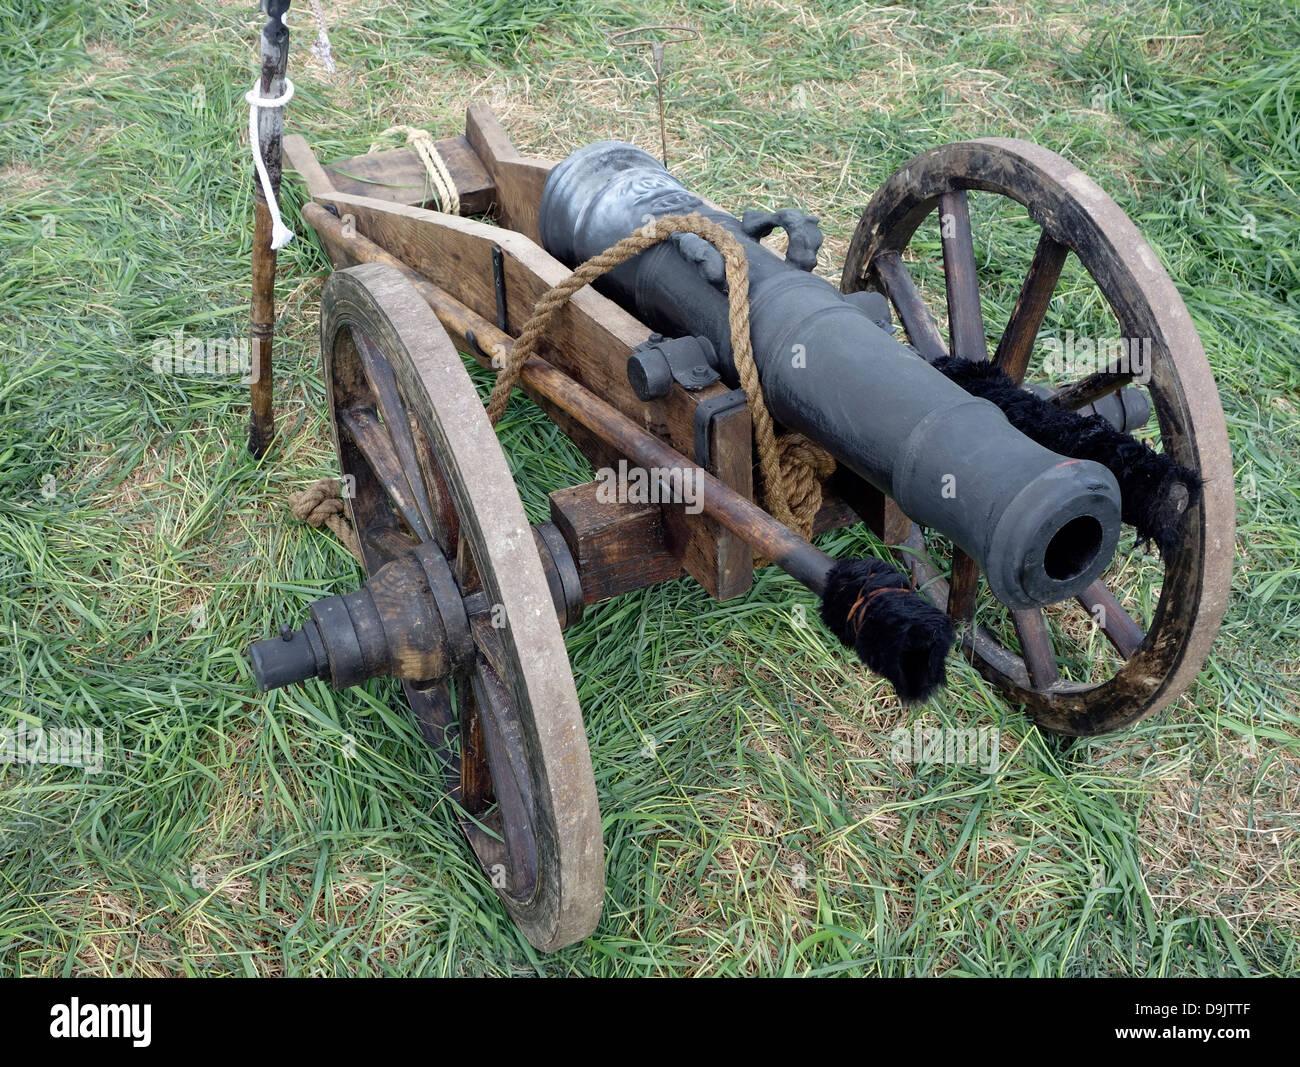 Leichte Feldartillerie Gun aus dem 17. Jahrhundert. (Gebräuchlich durch Karoliner Re-enactment). Stockbild